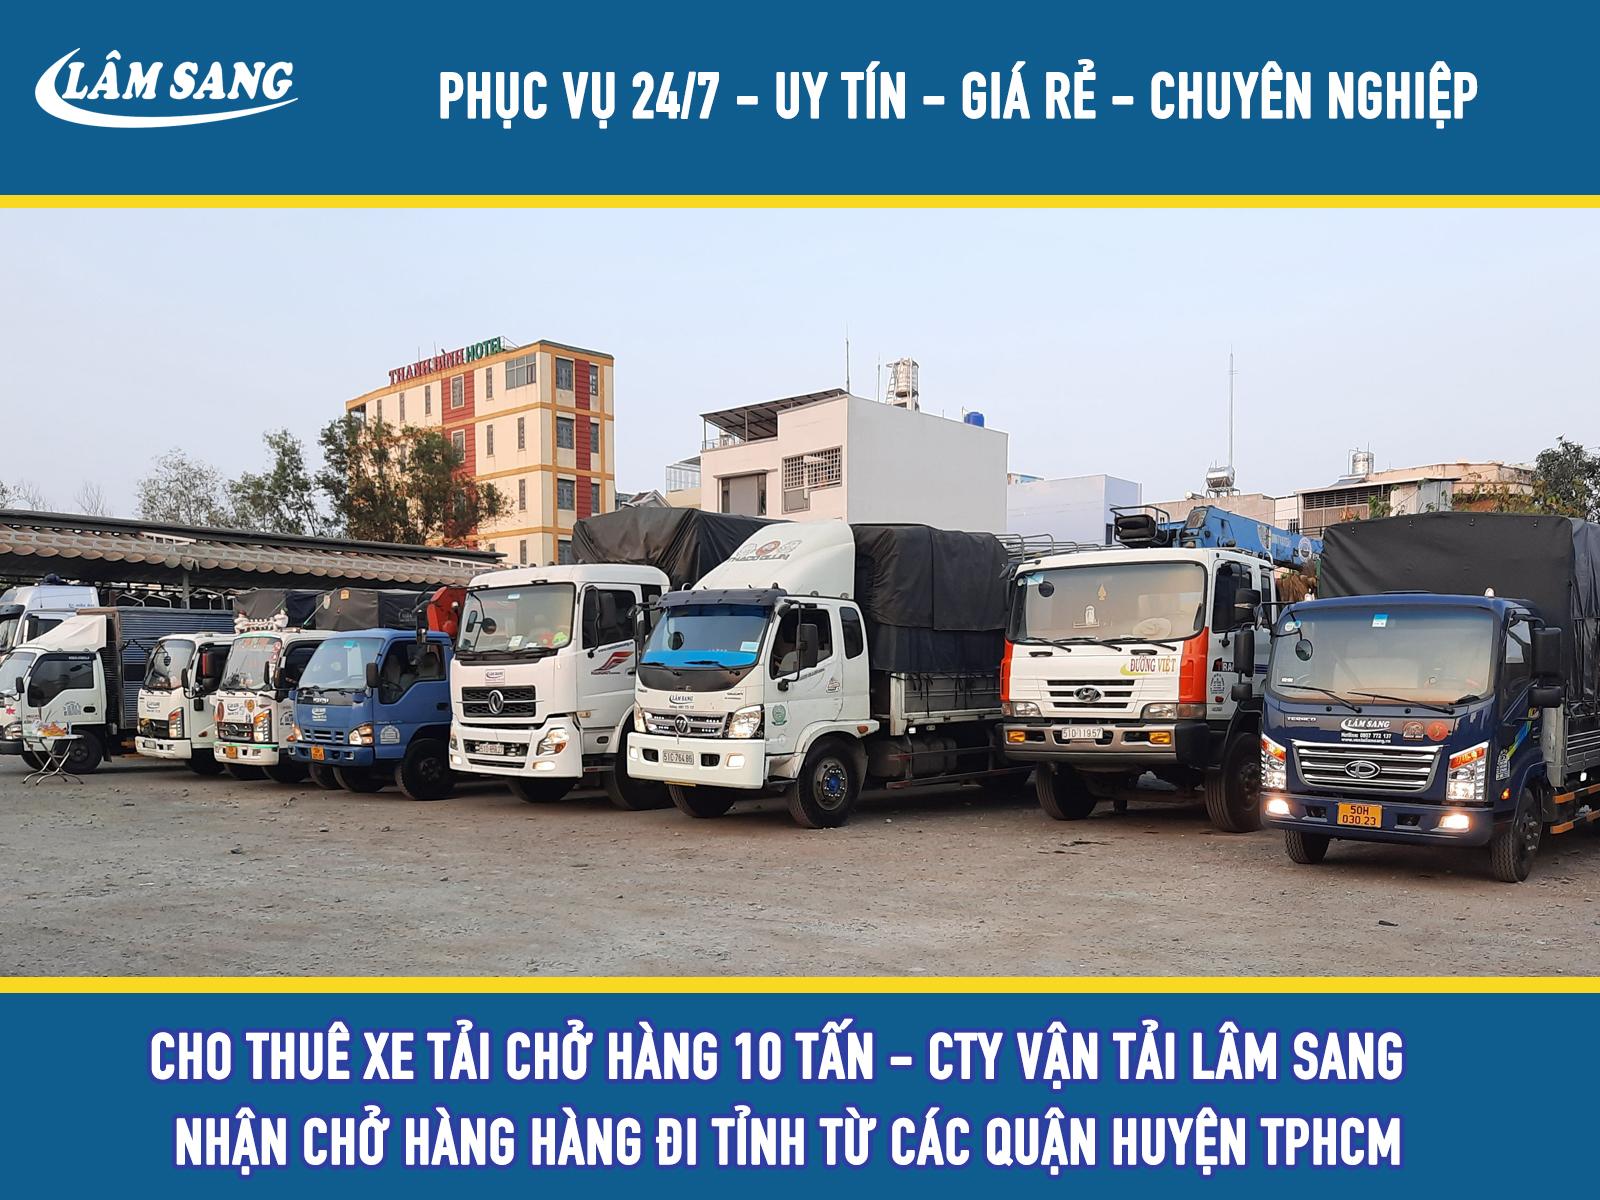 Cho Thuê xe tải 10 tấn giá rẻ tại tphcm - Lâm Sang